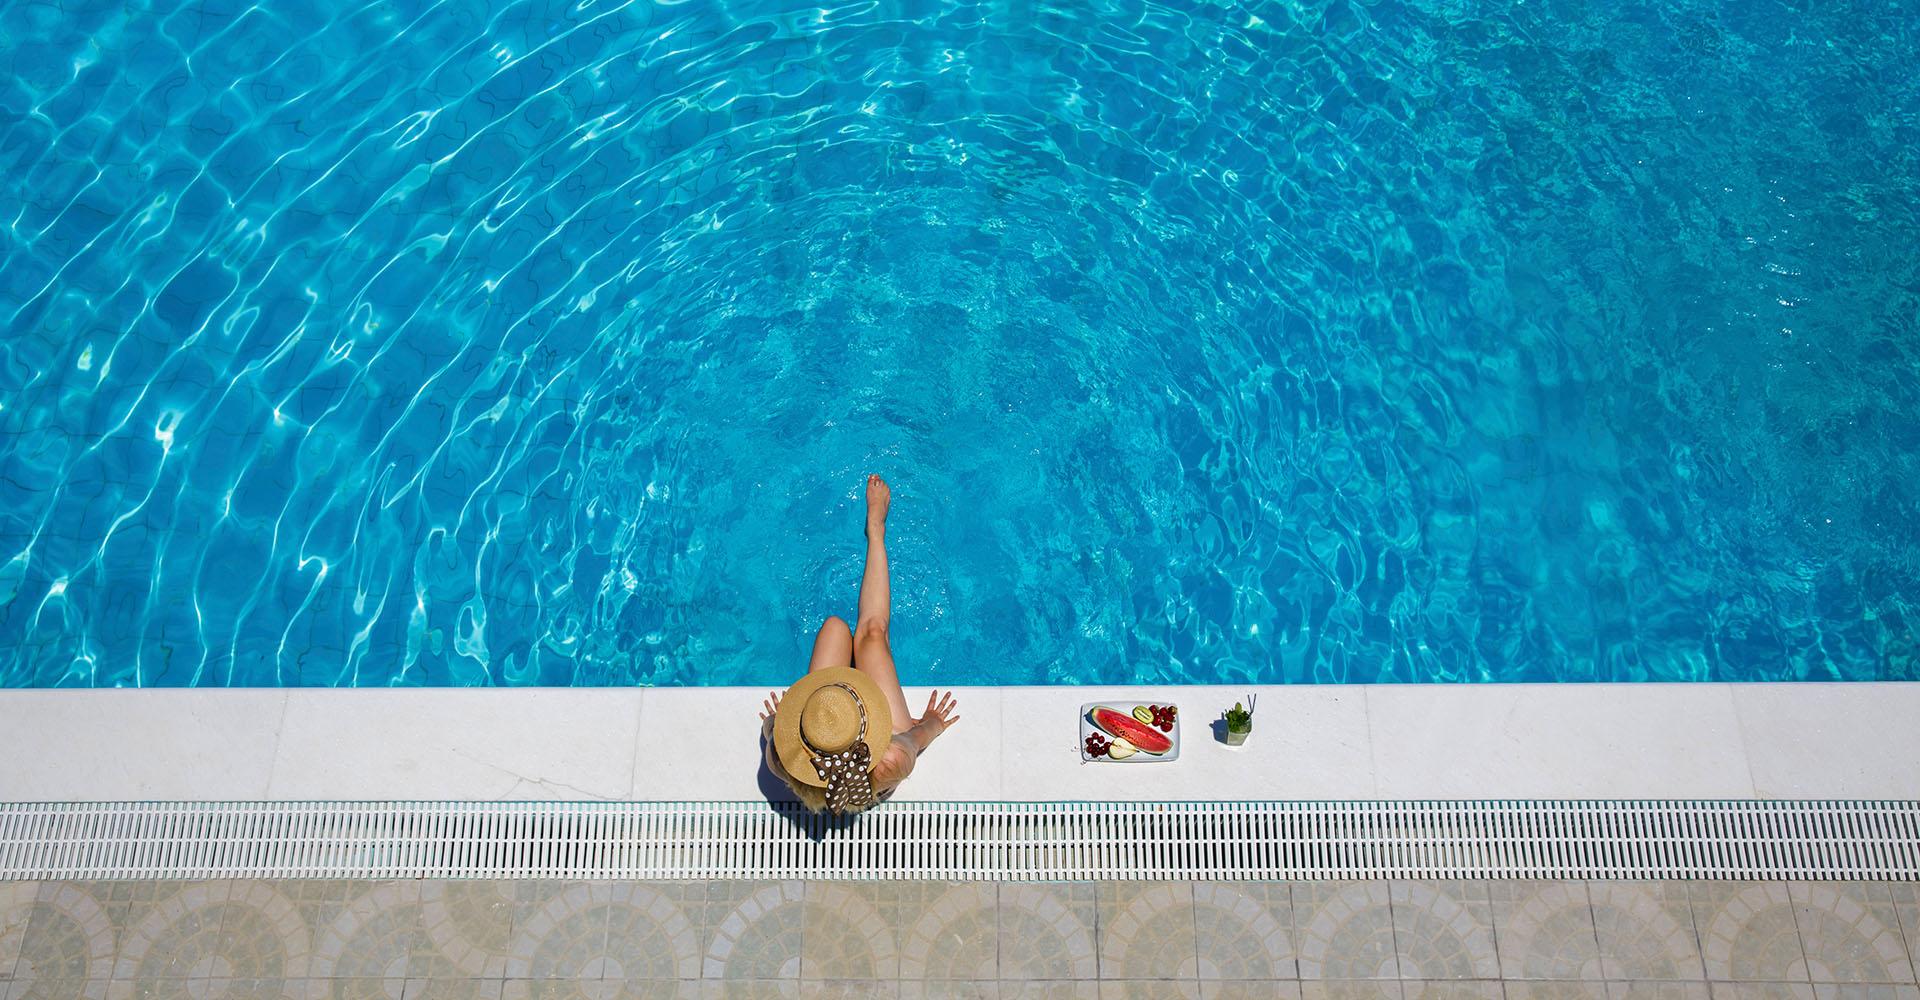 Τολό Διαμονή | Asteria Hotel, Ξενοδοχείο Τολό